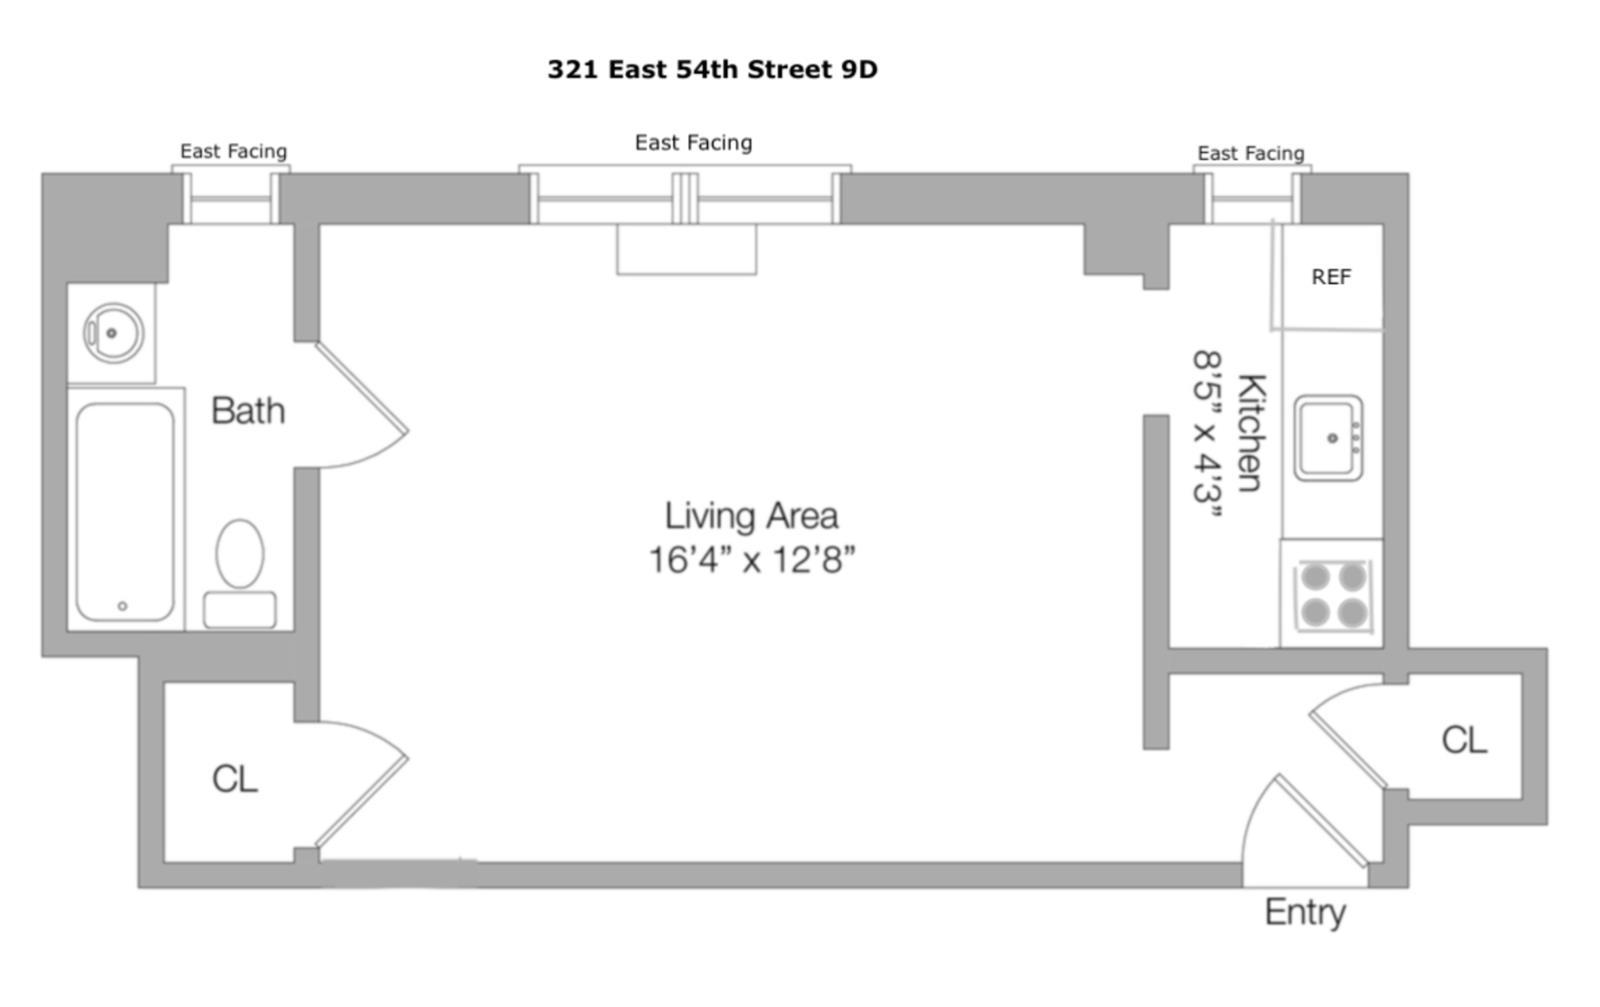 #1780244   321 East 54th Street 9D New York, NY 10022